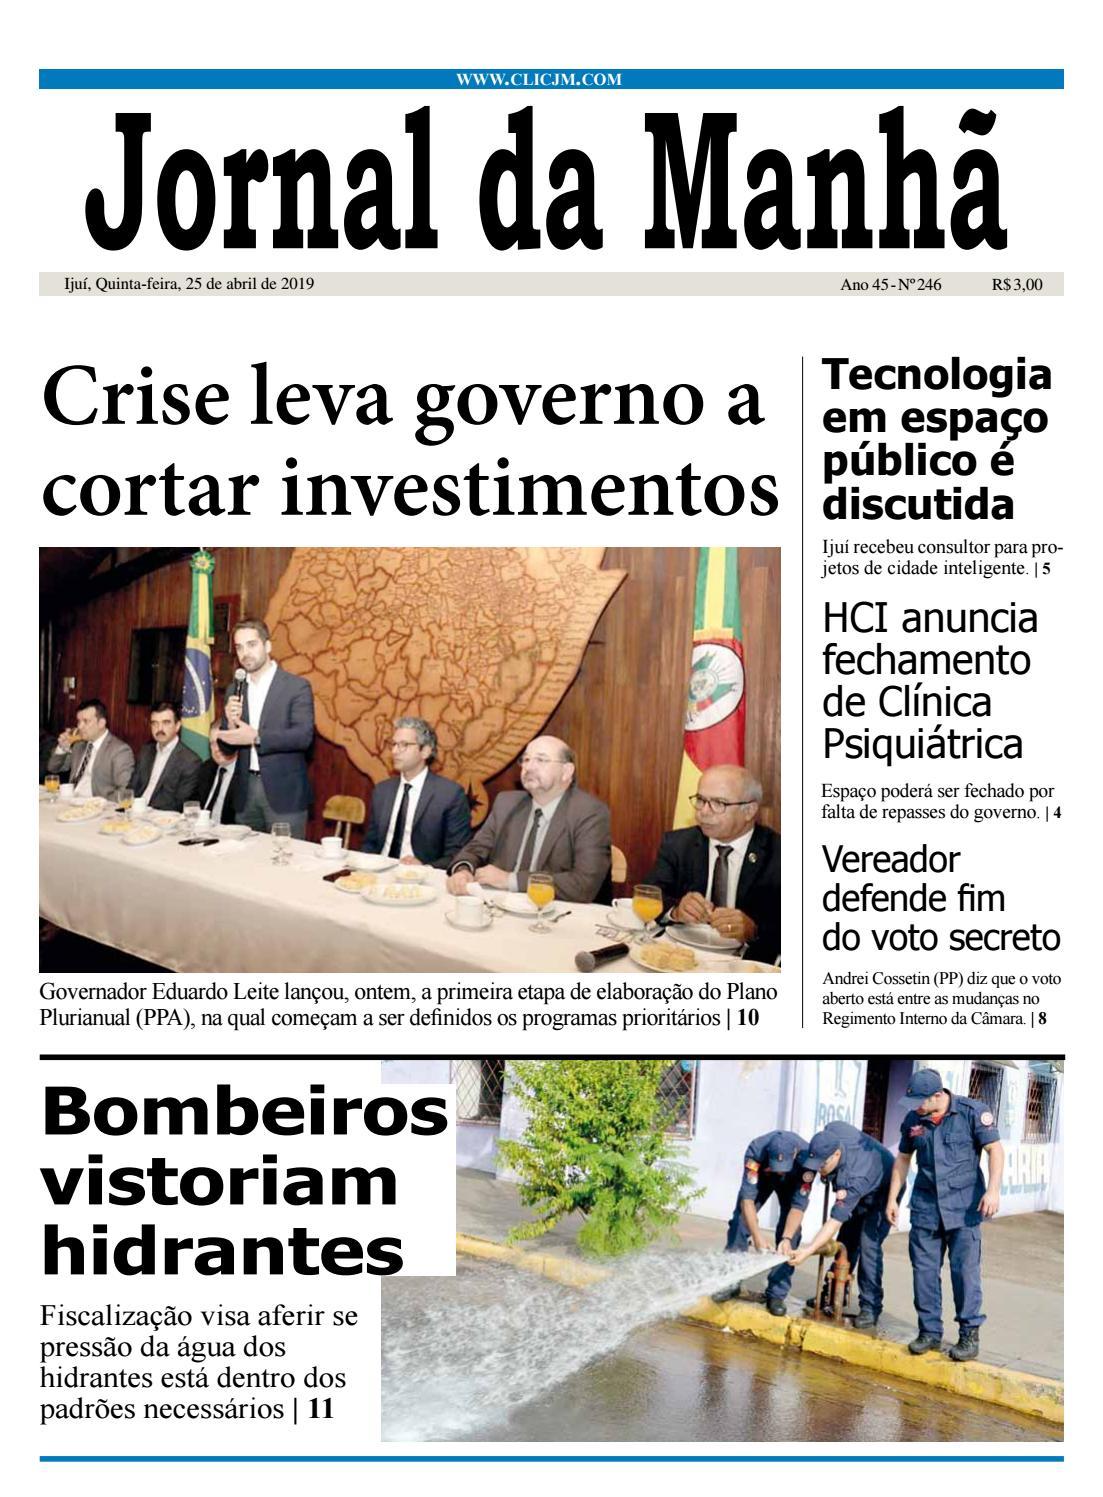 672d57cc2 Jornal da Manhã - Quinta-feira - 25-04-2019 by clicjm - issuu